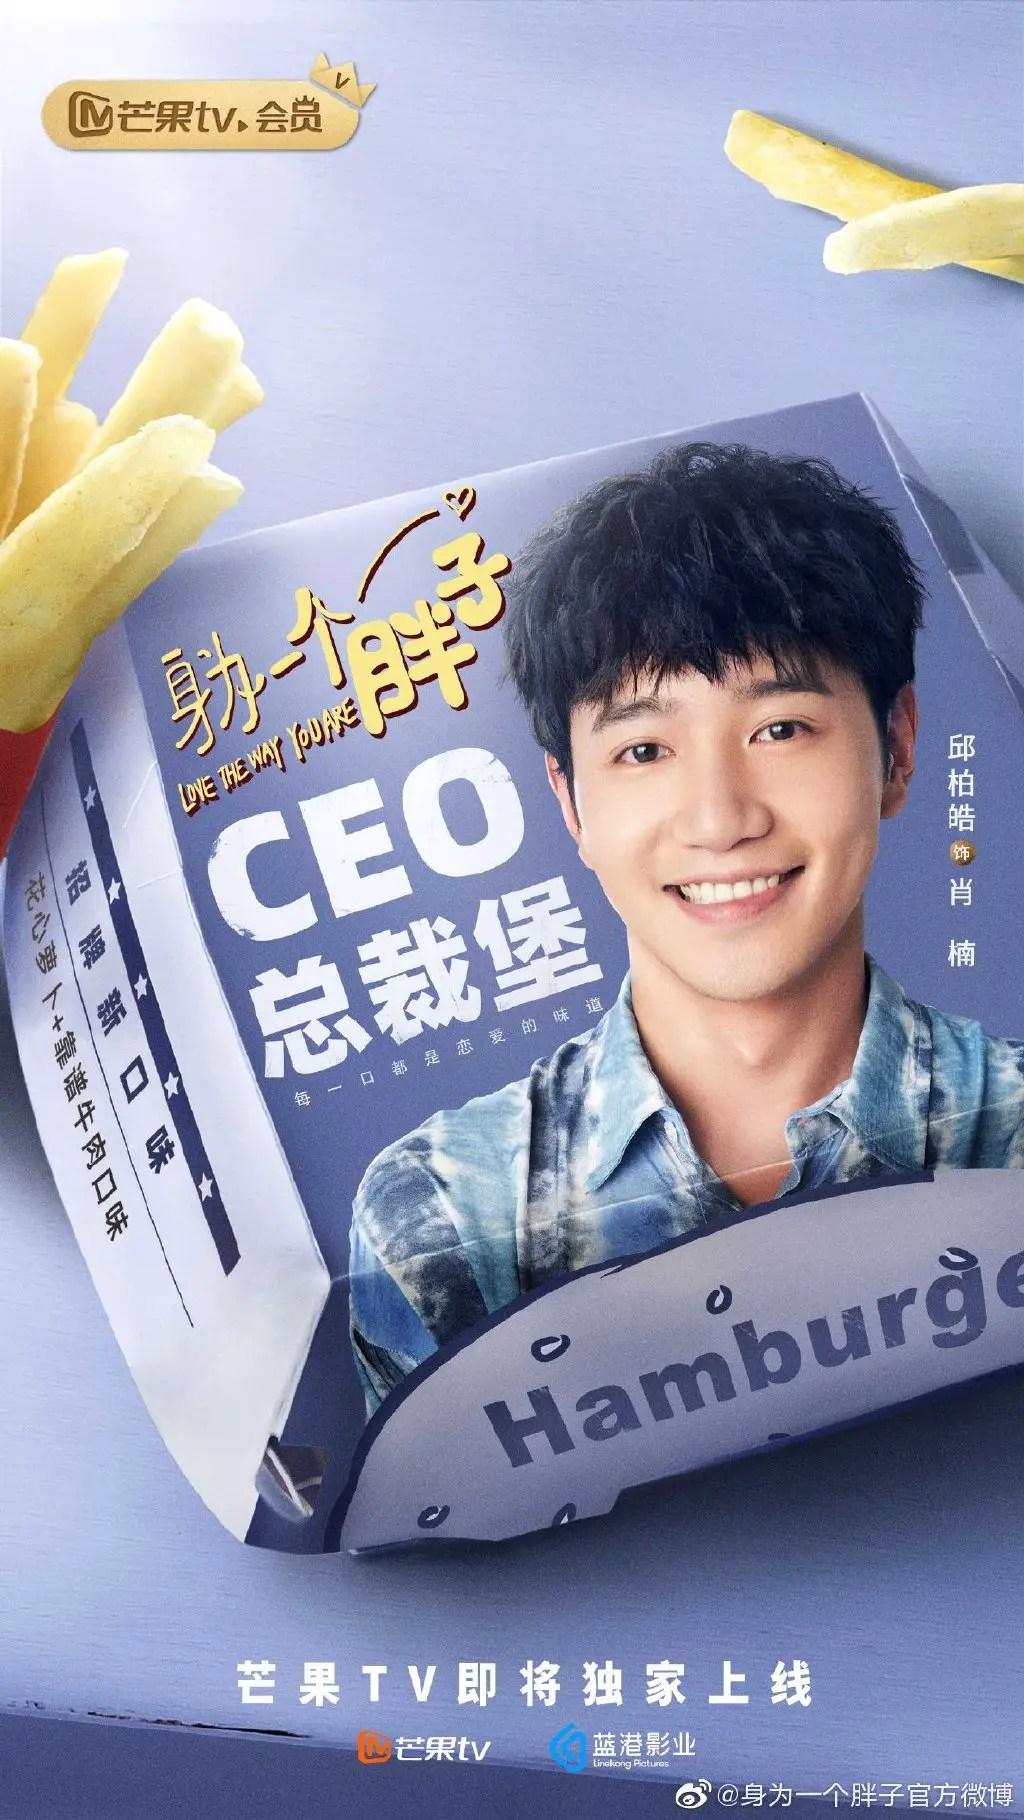 Qiu Bai Hao